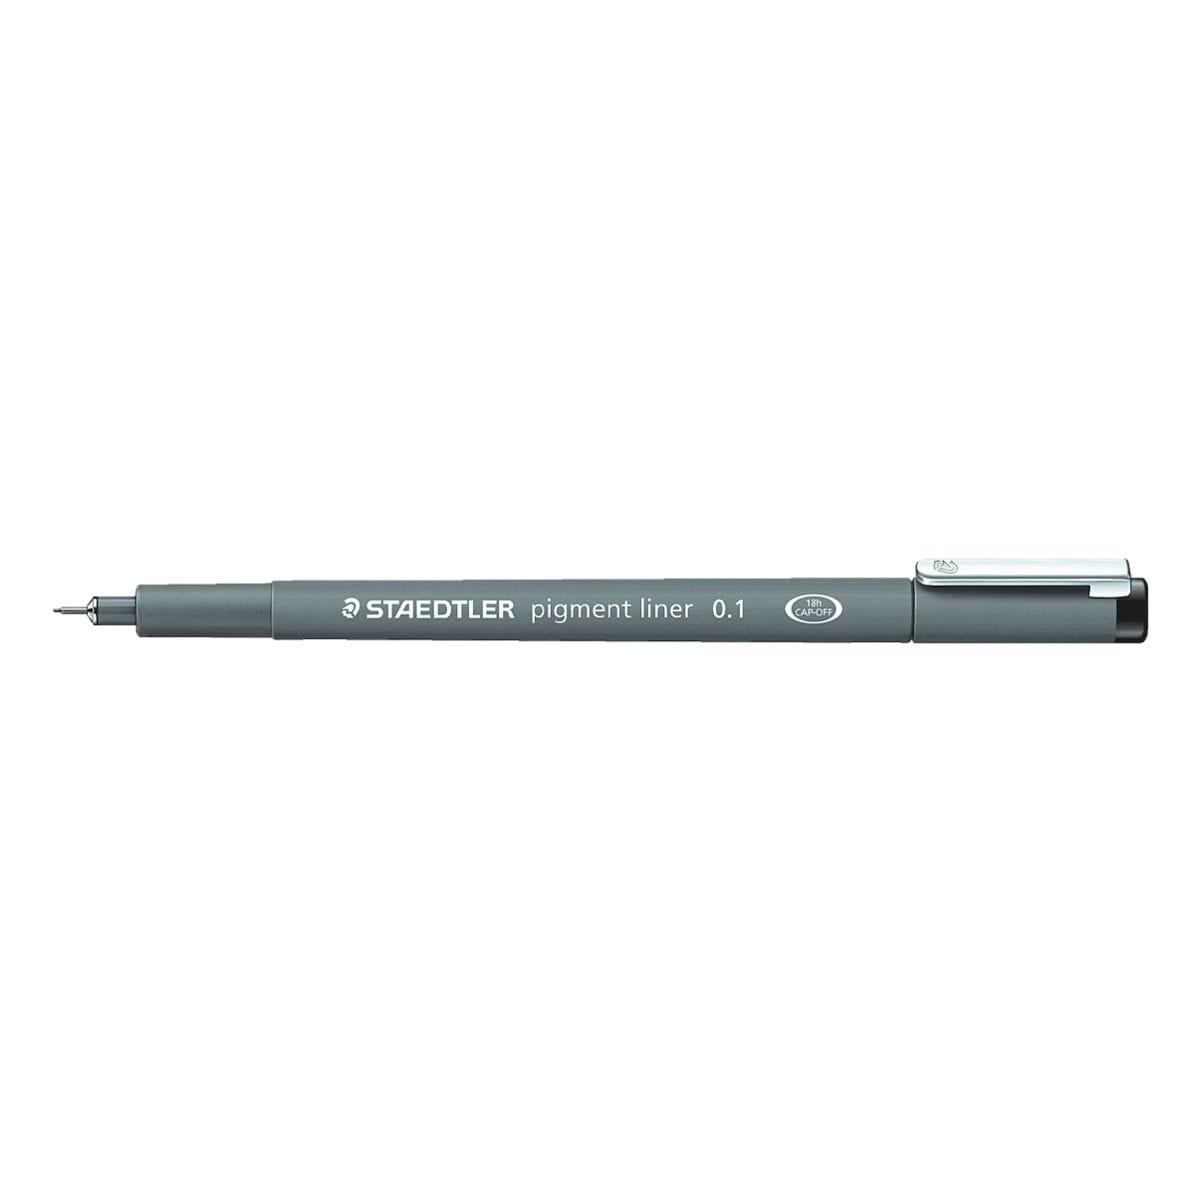 STAEDTLER Fineliner pigment liner, 0,1mm